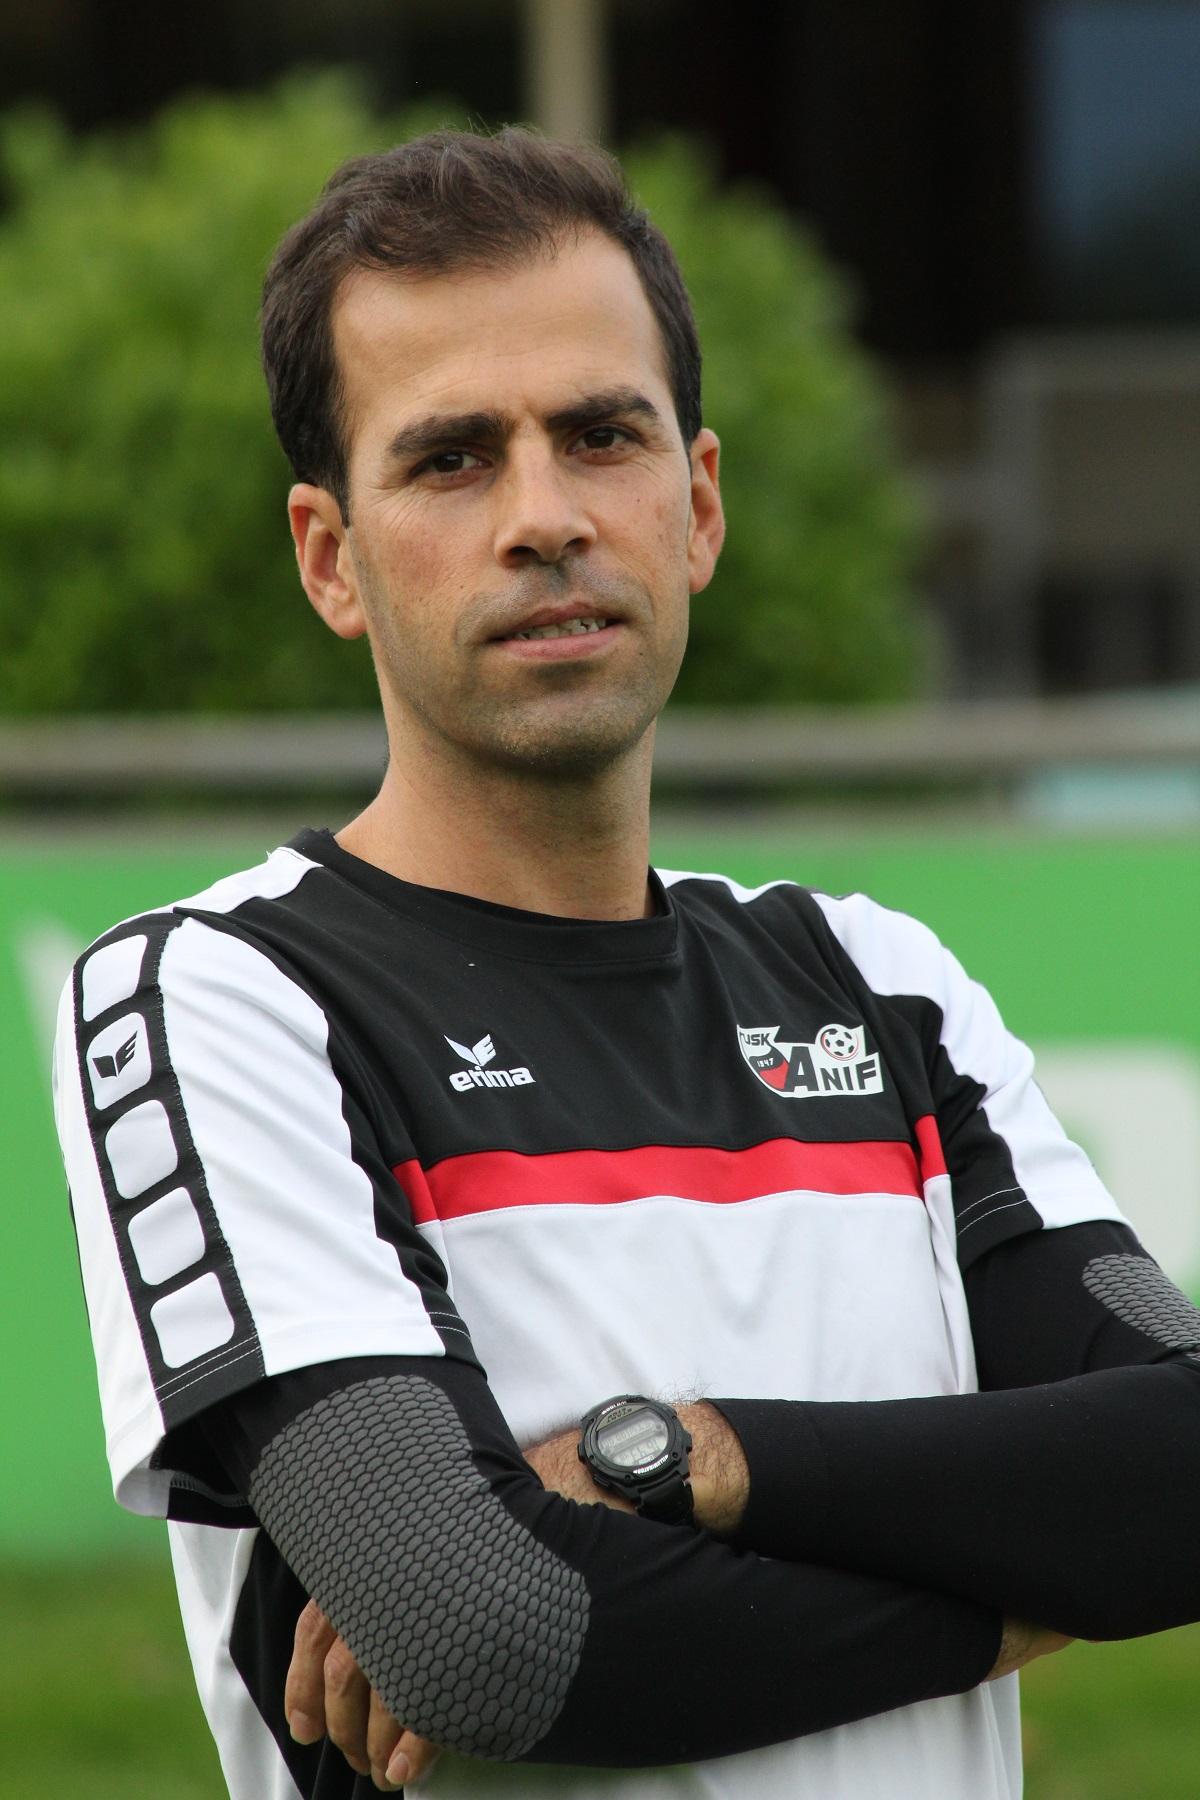 Sefa Ceviker, USK-Anif